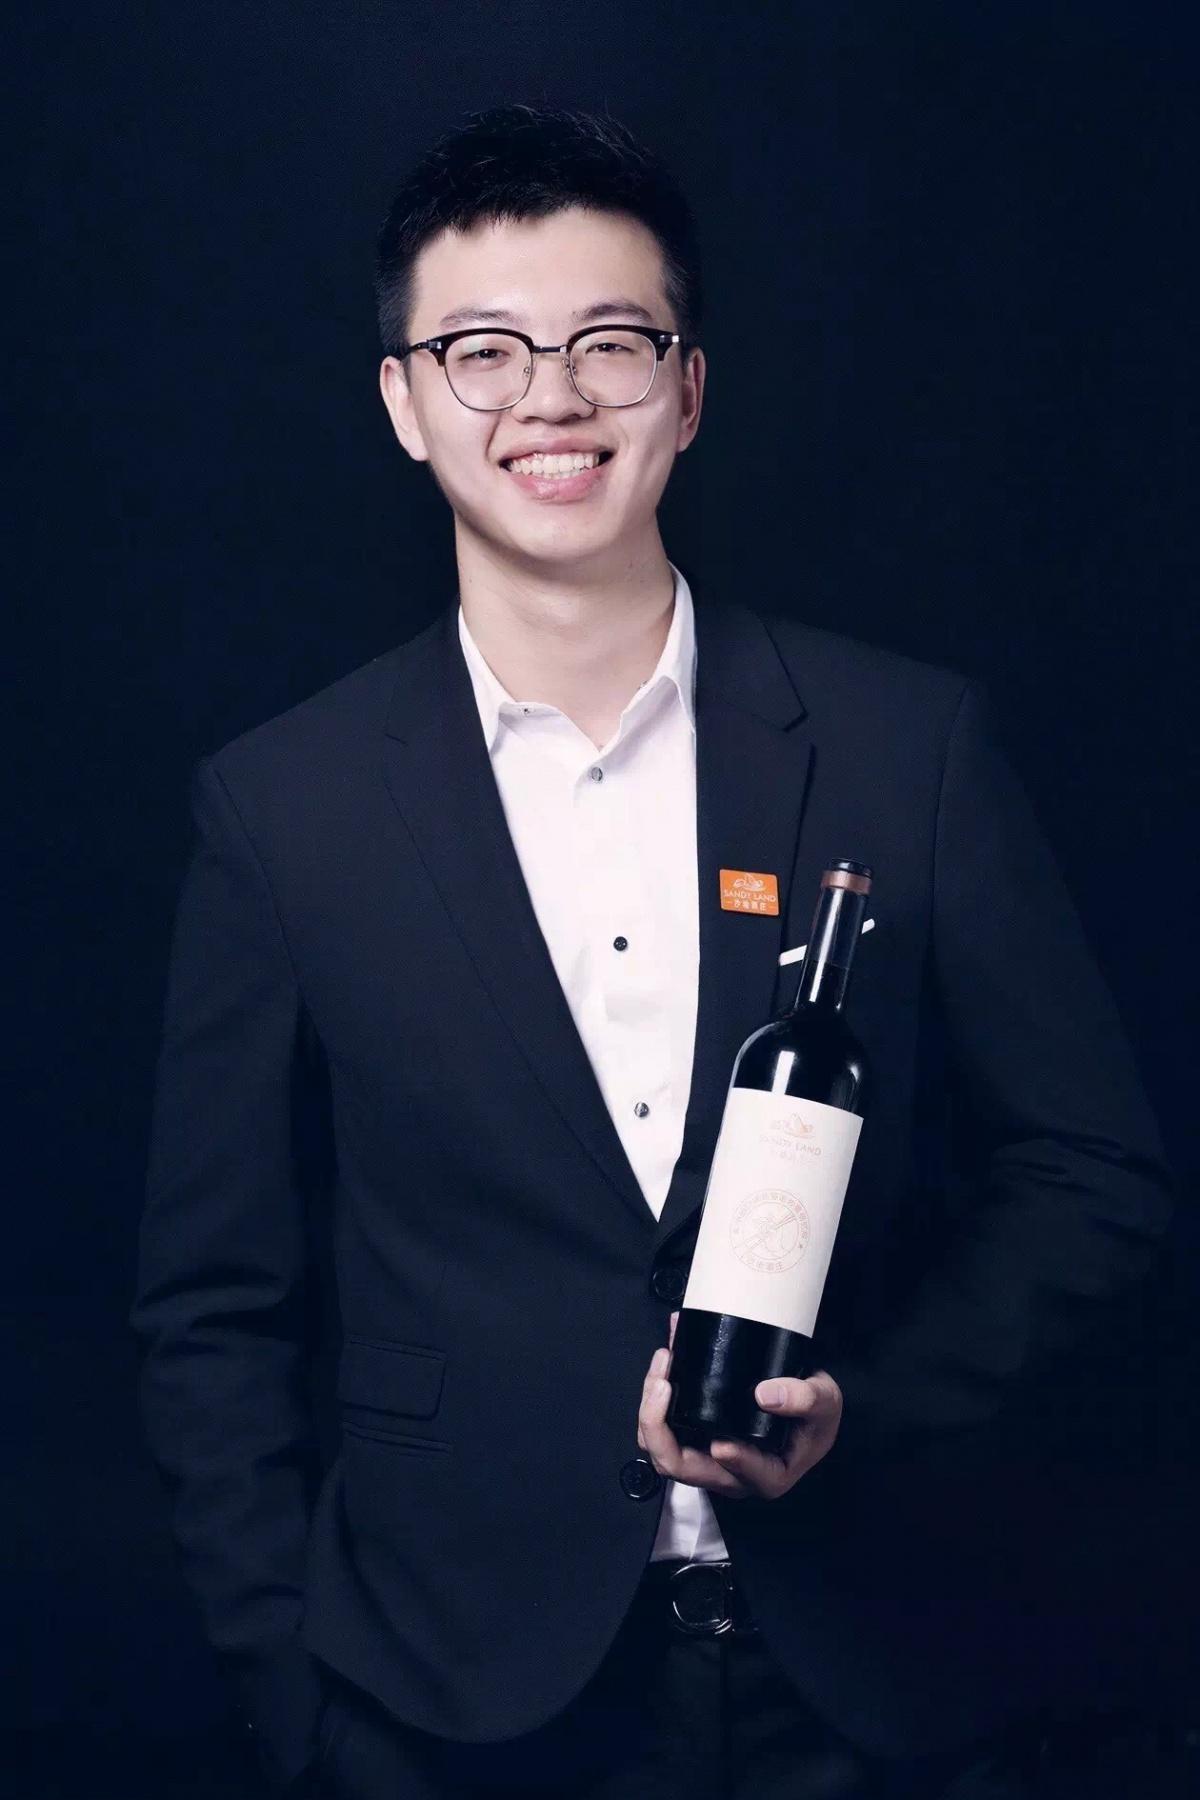 WBO葡萄酒商业观察专访—沙地酒庄董事长奚嘉伟